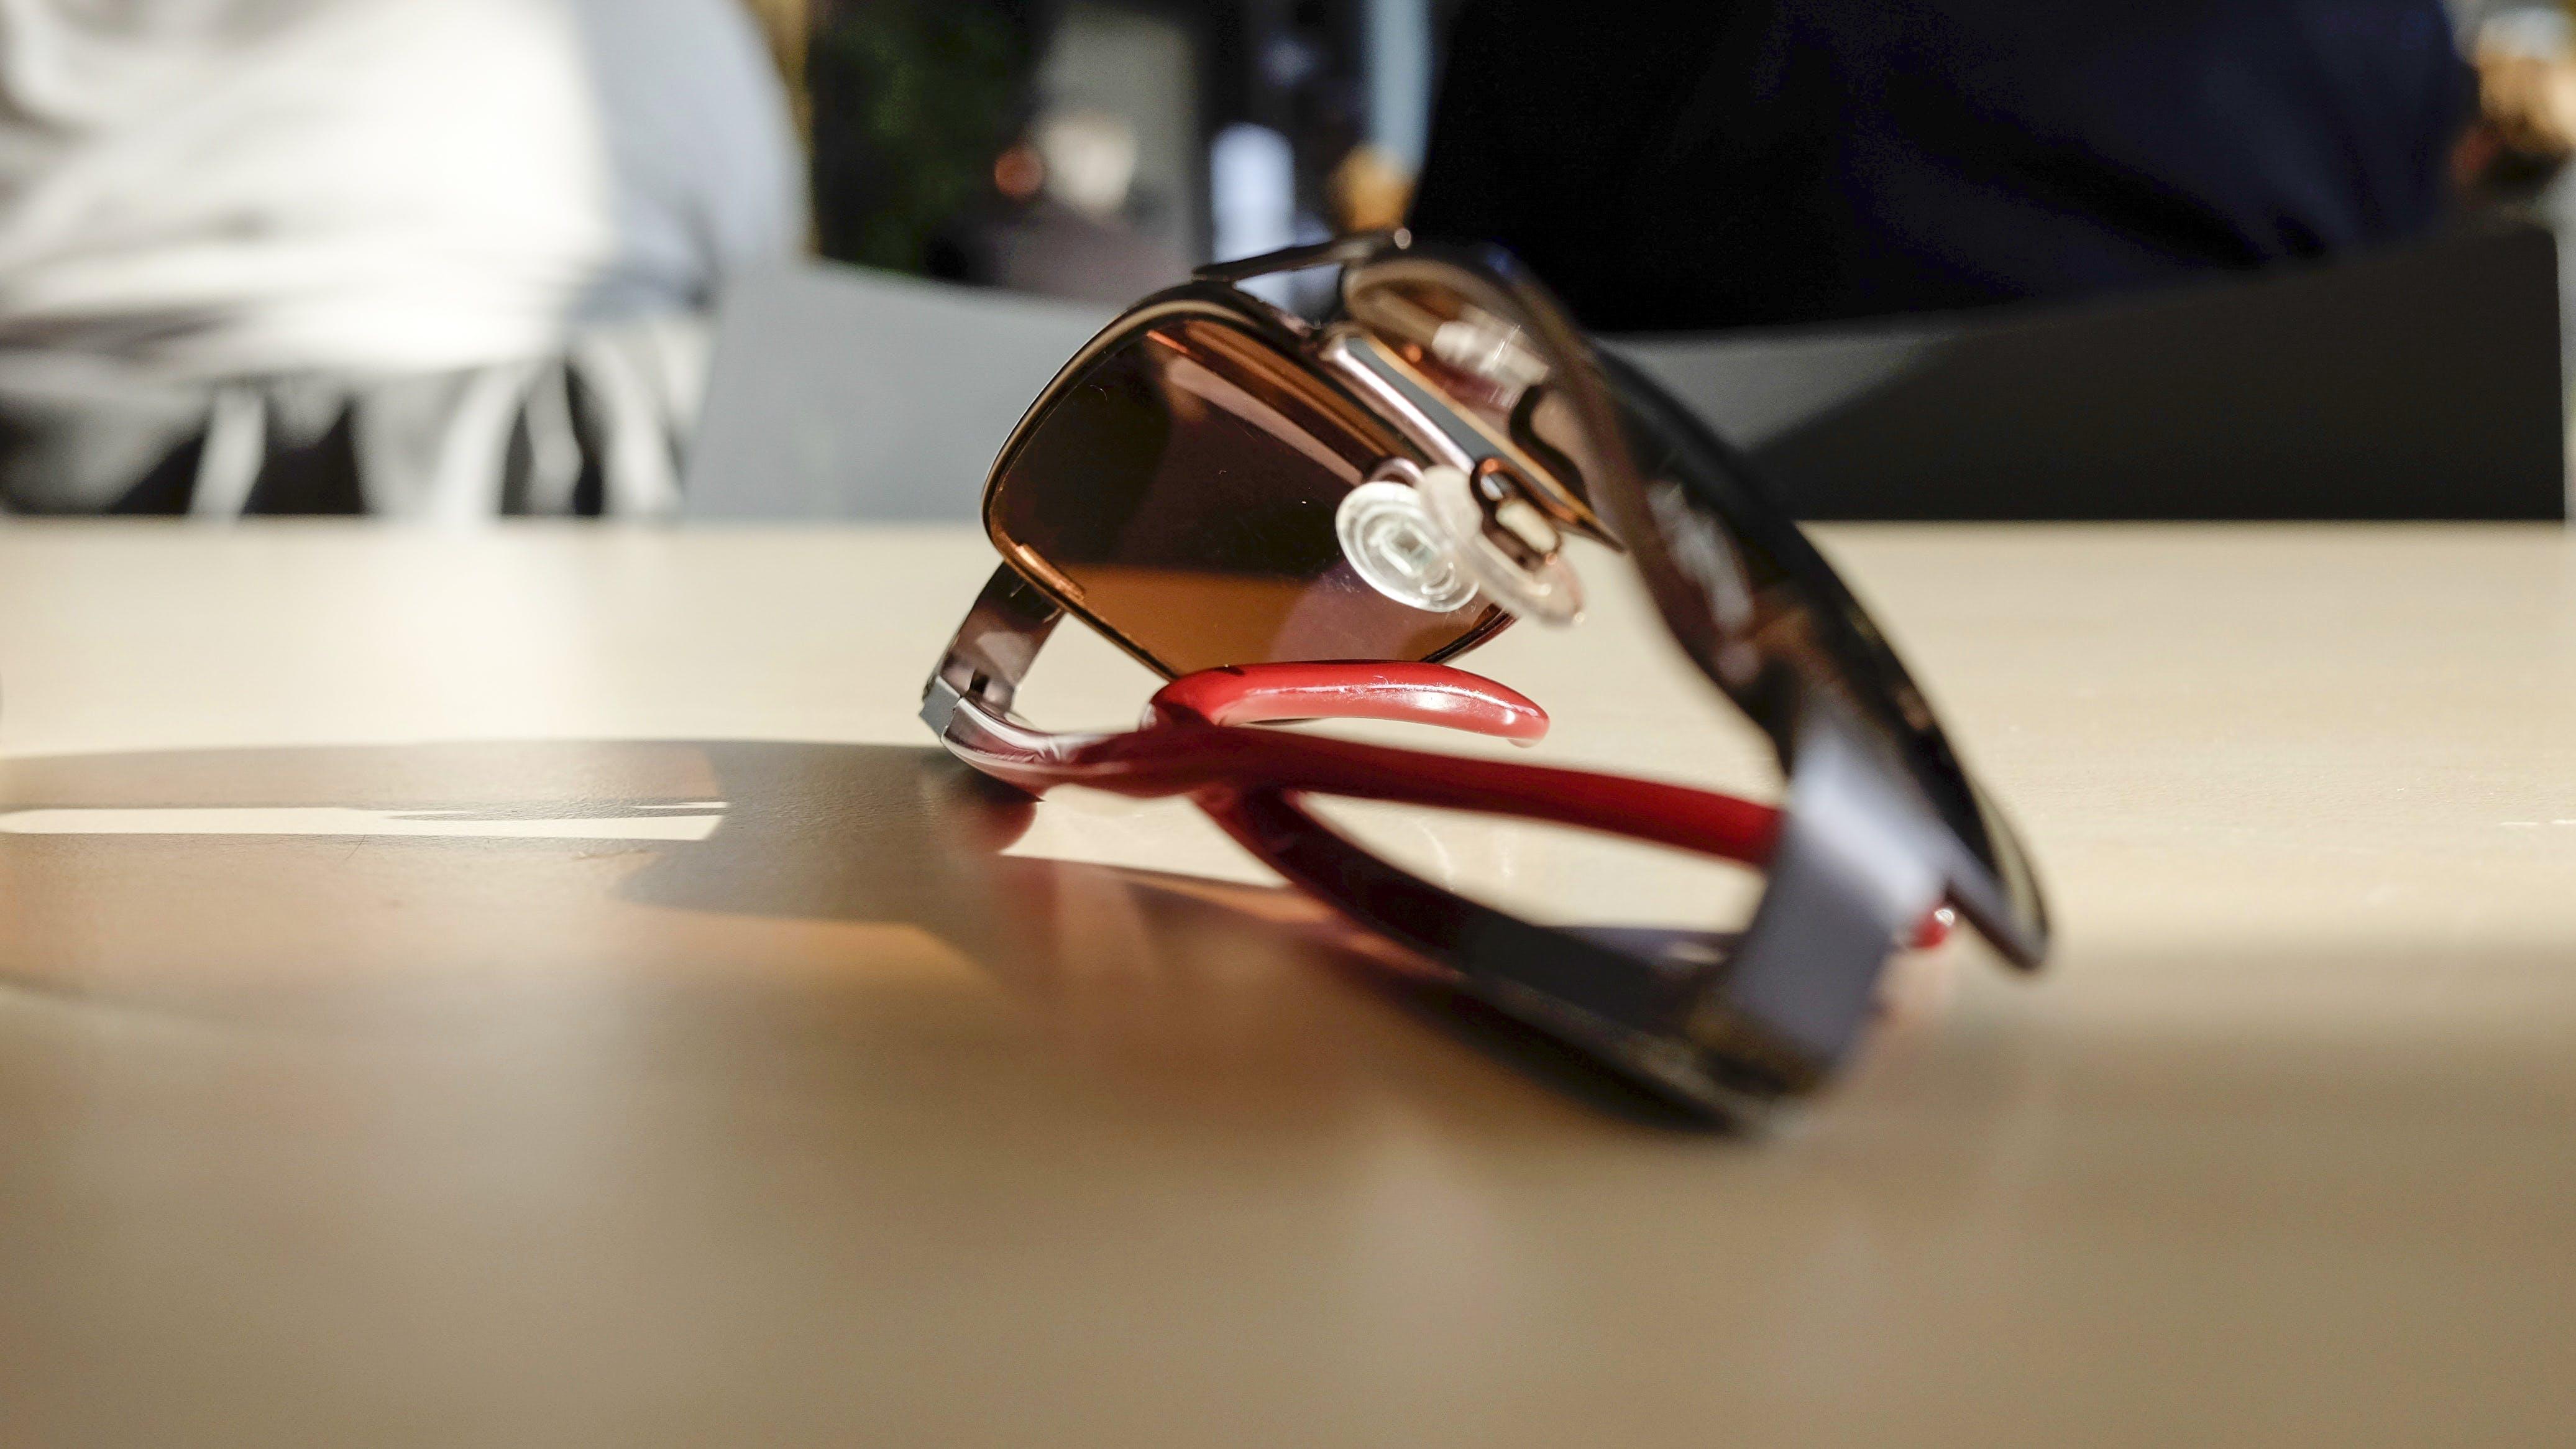 Foto d'estoc gratuïta de matthias zomer, ulleres, ulleres de sol